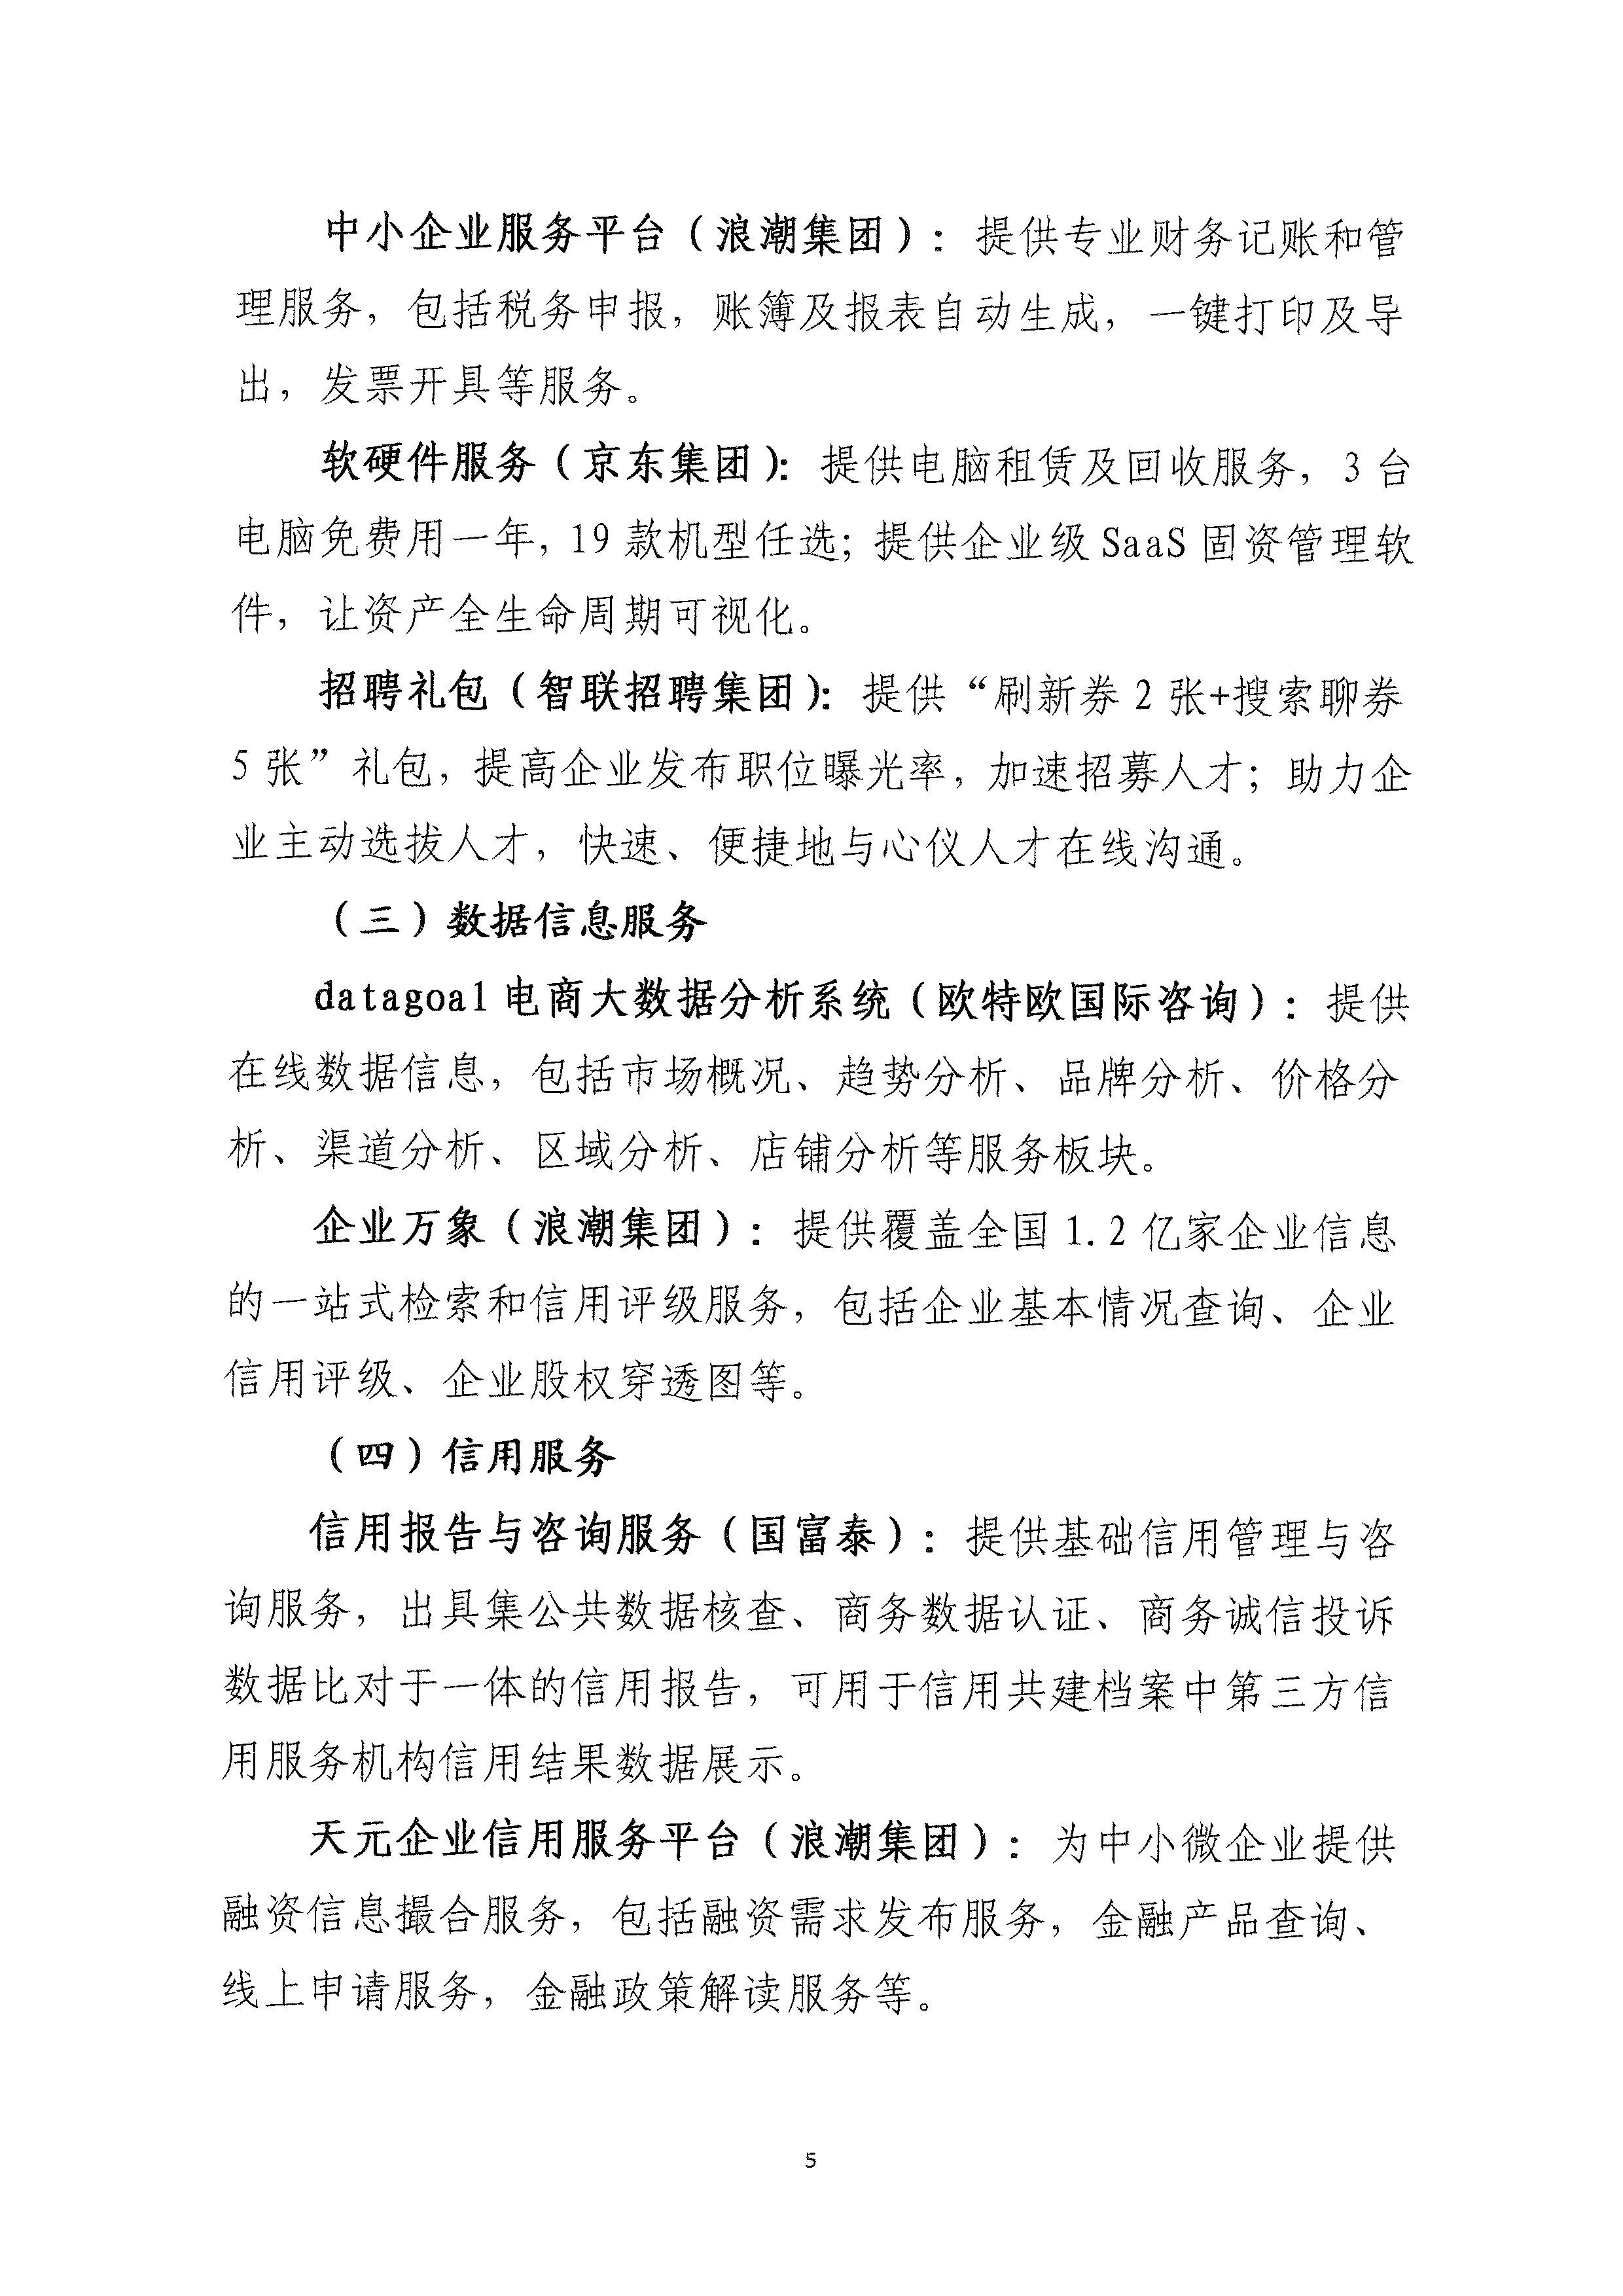 省商务厅关于开展电子商务公共服务惠民惠企行动的通知-5.jpg